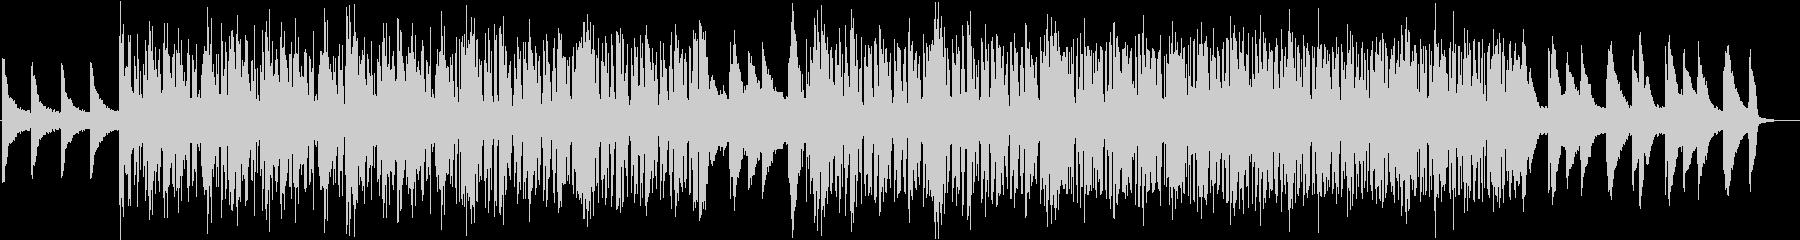 都会的なピアノインストの未再生の波形